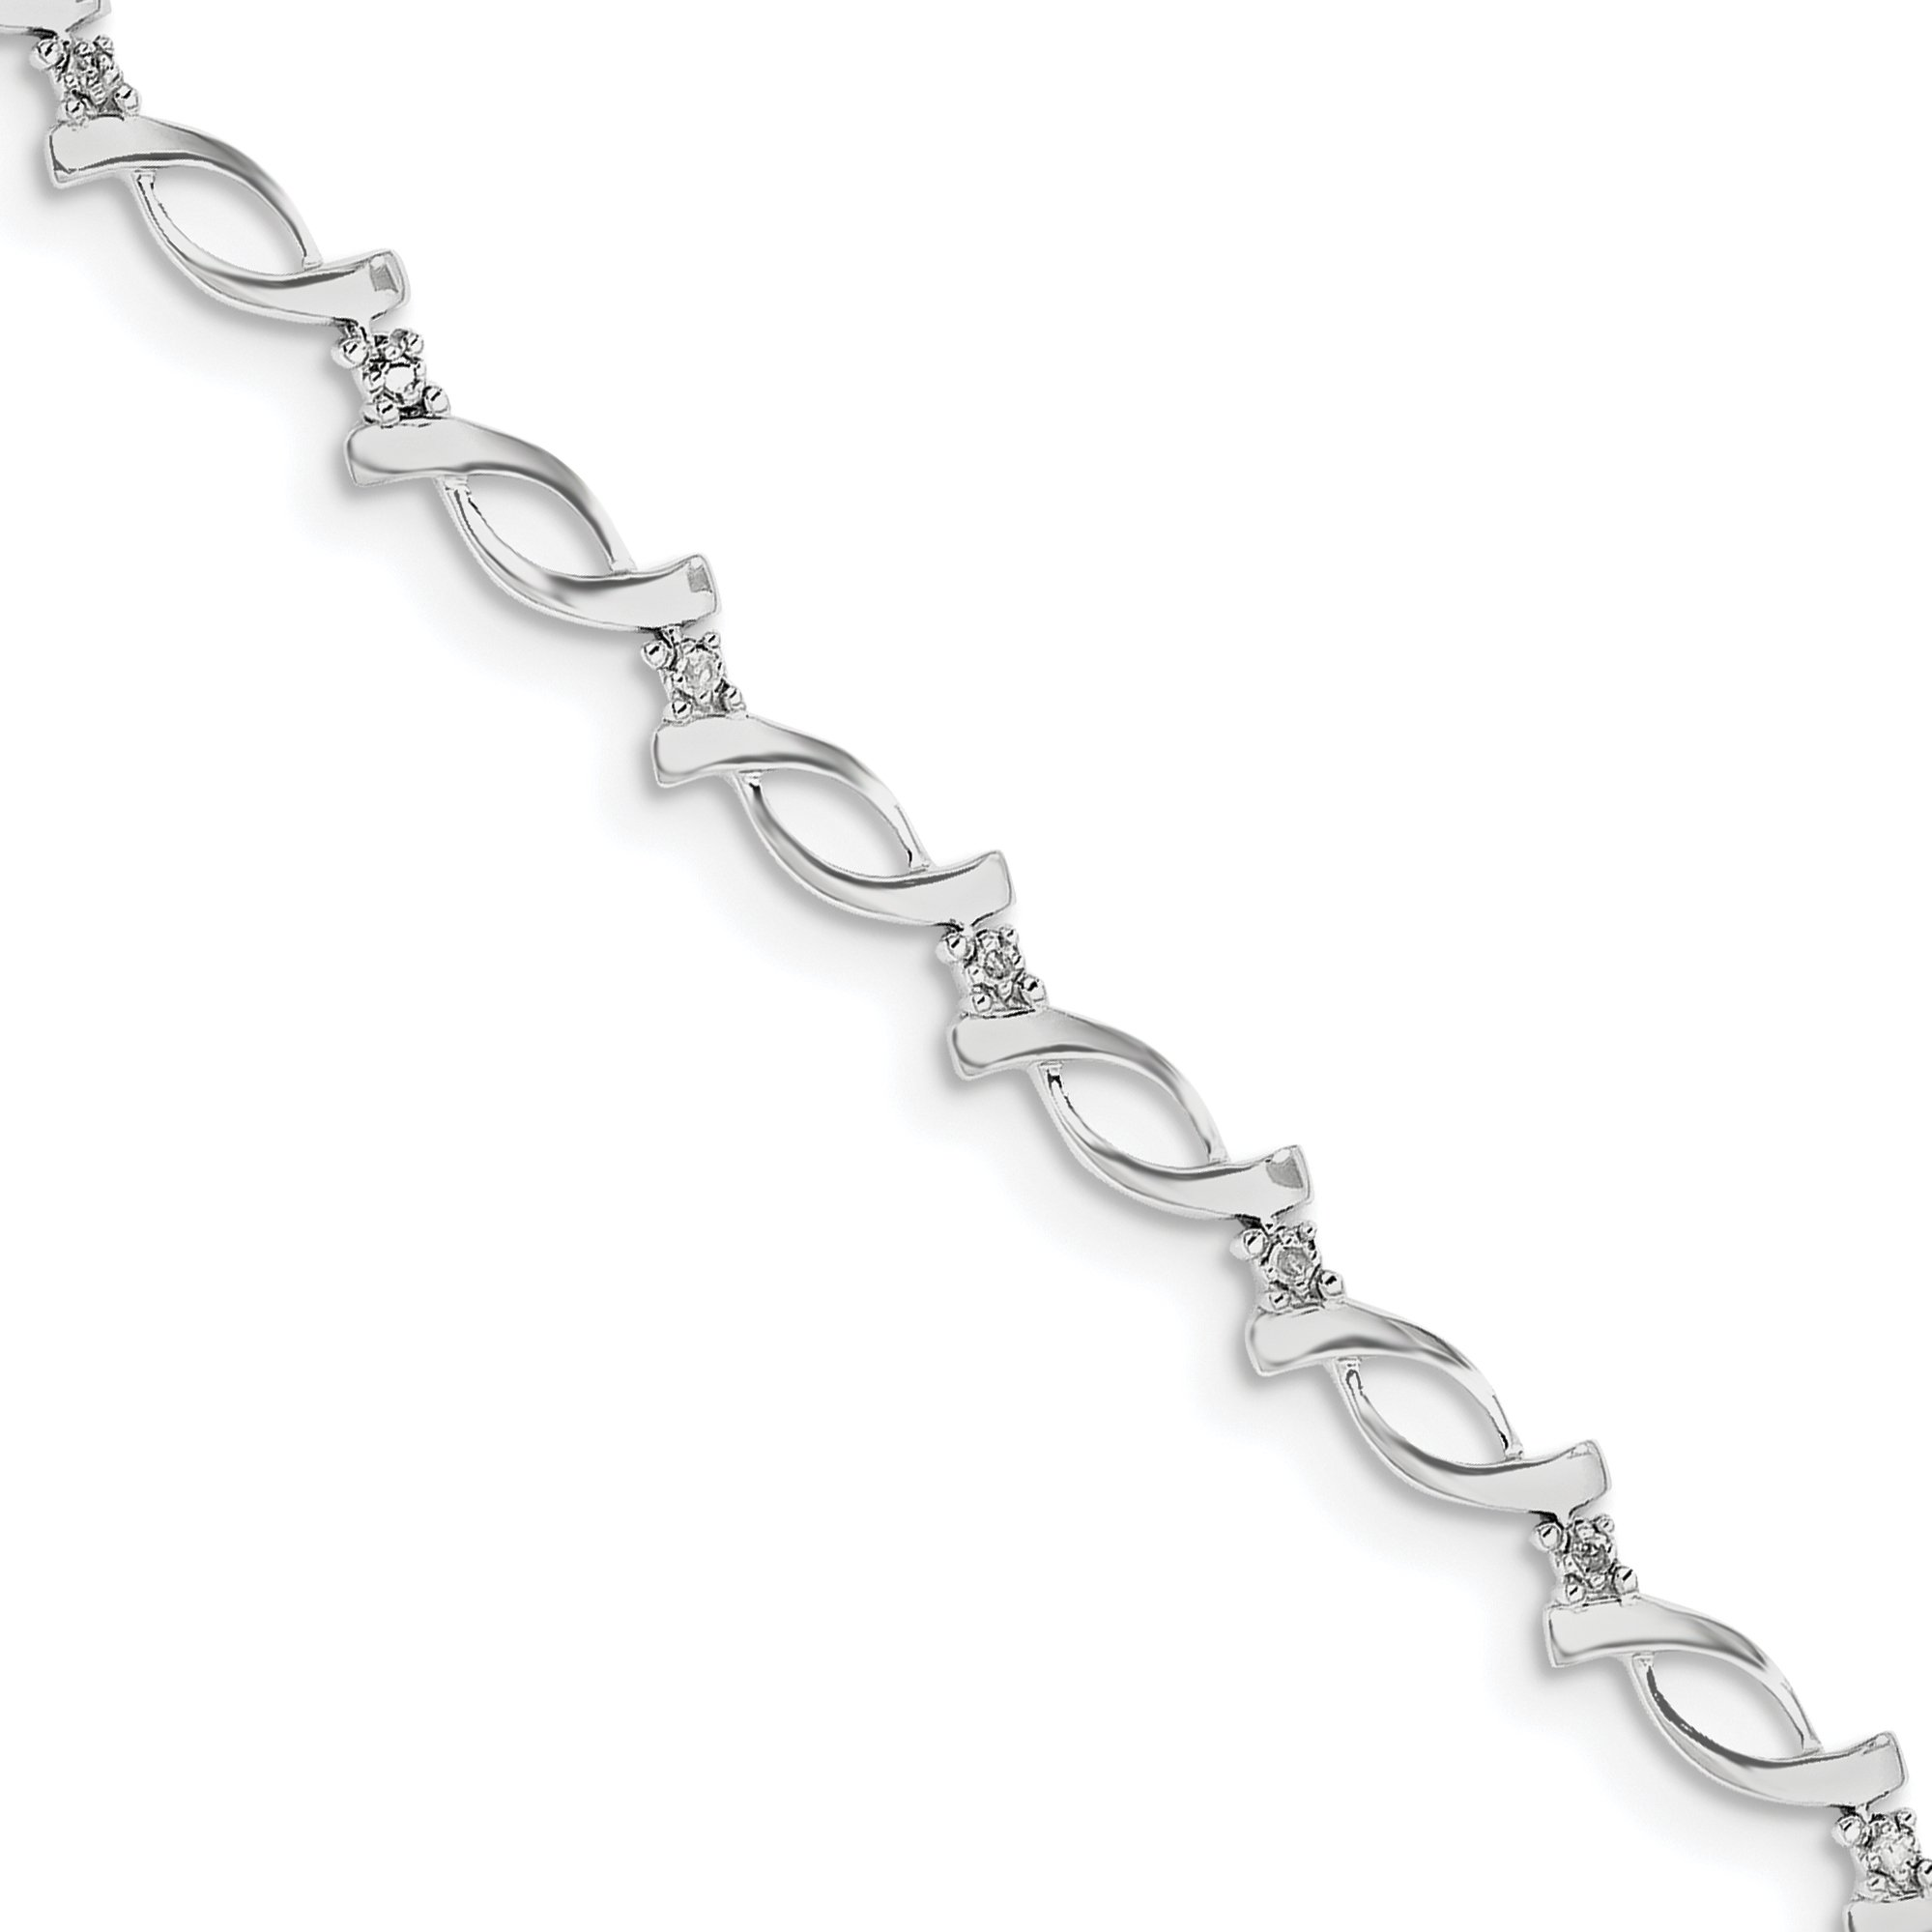 ICE CARATS 925 Sterling Silver Diamond Bracelet 7 Inch Fine Jewelry Gift Set For Women Heart